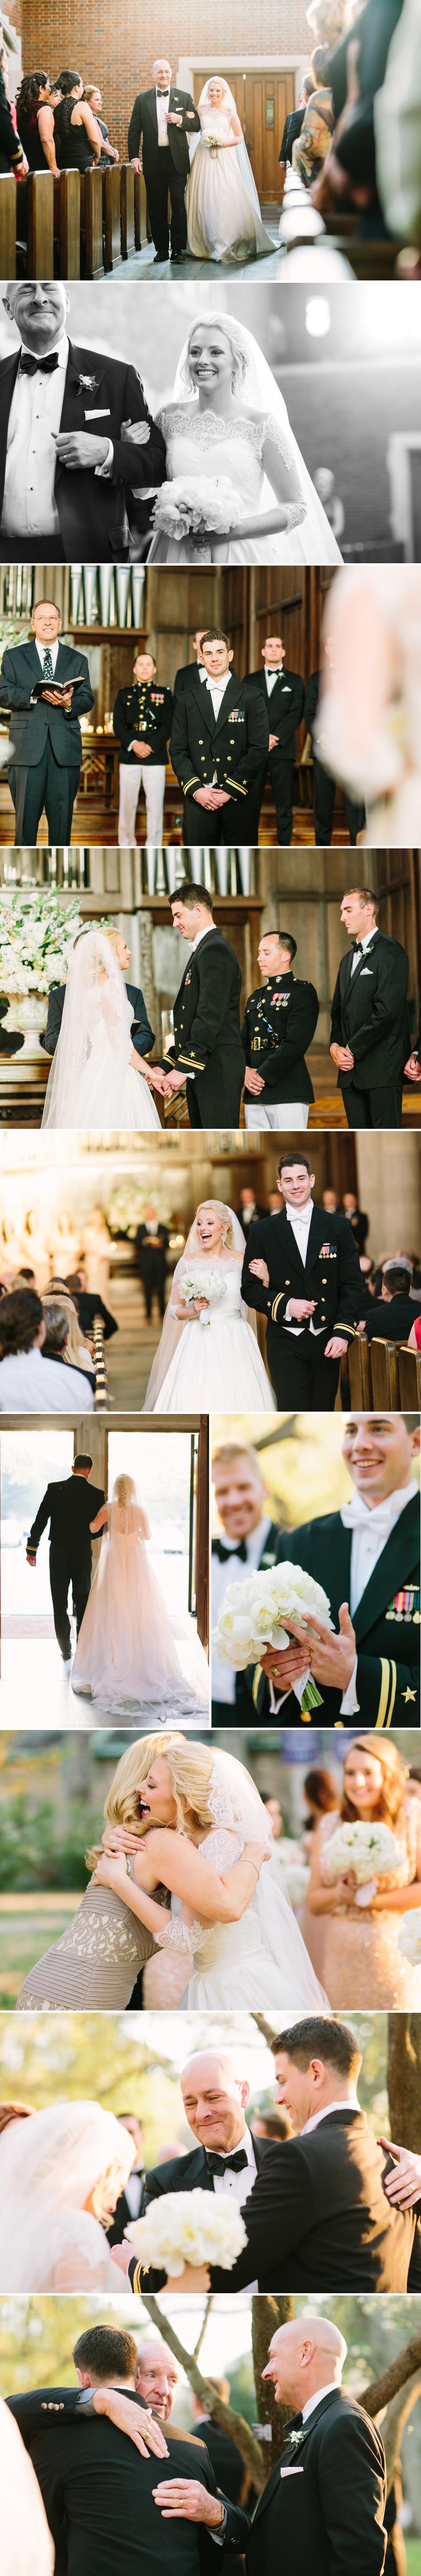 Nashville Wedding Photography Rachel Moore